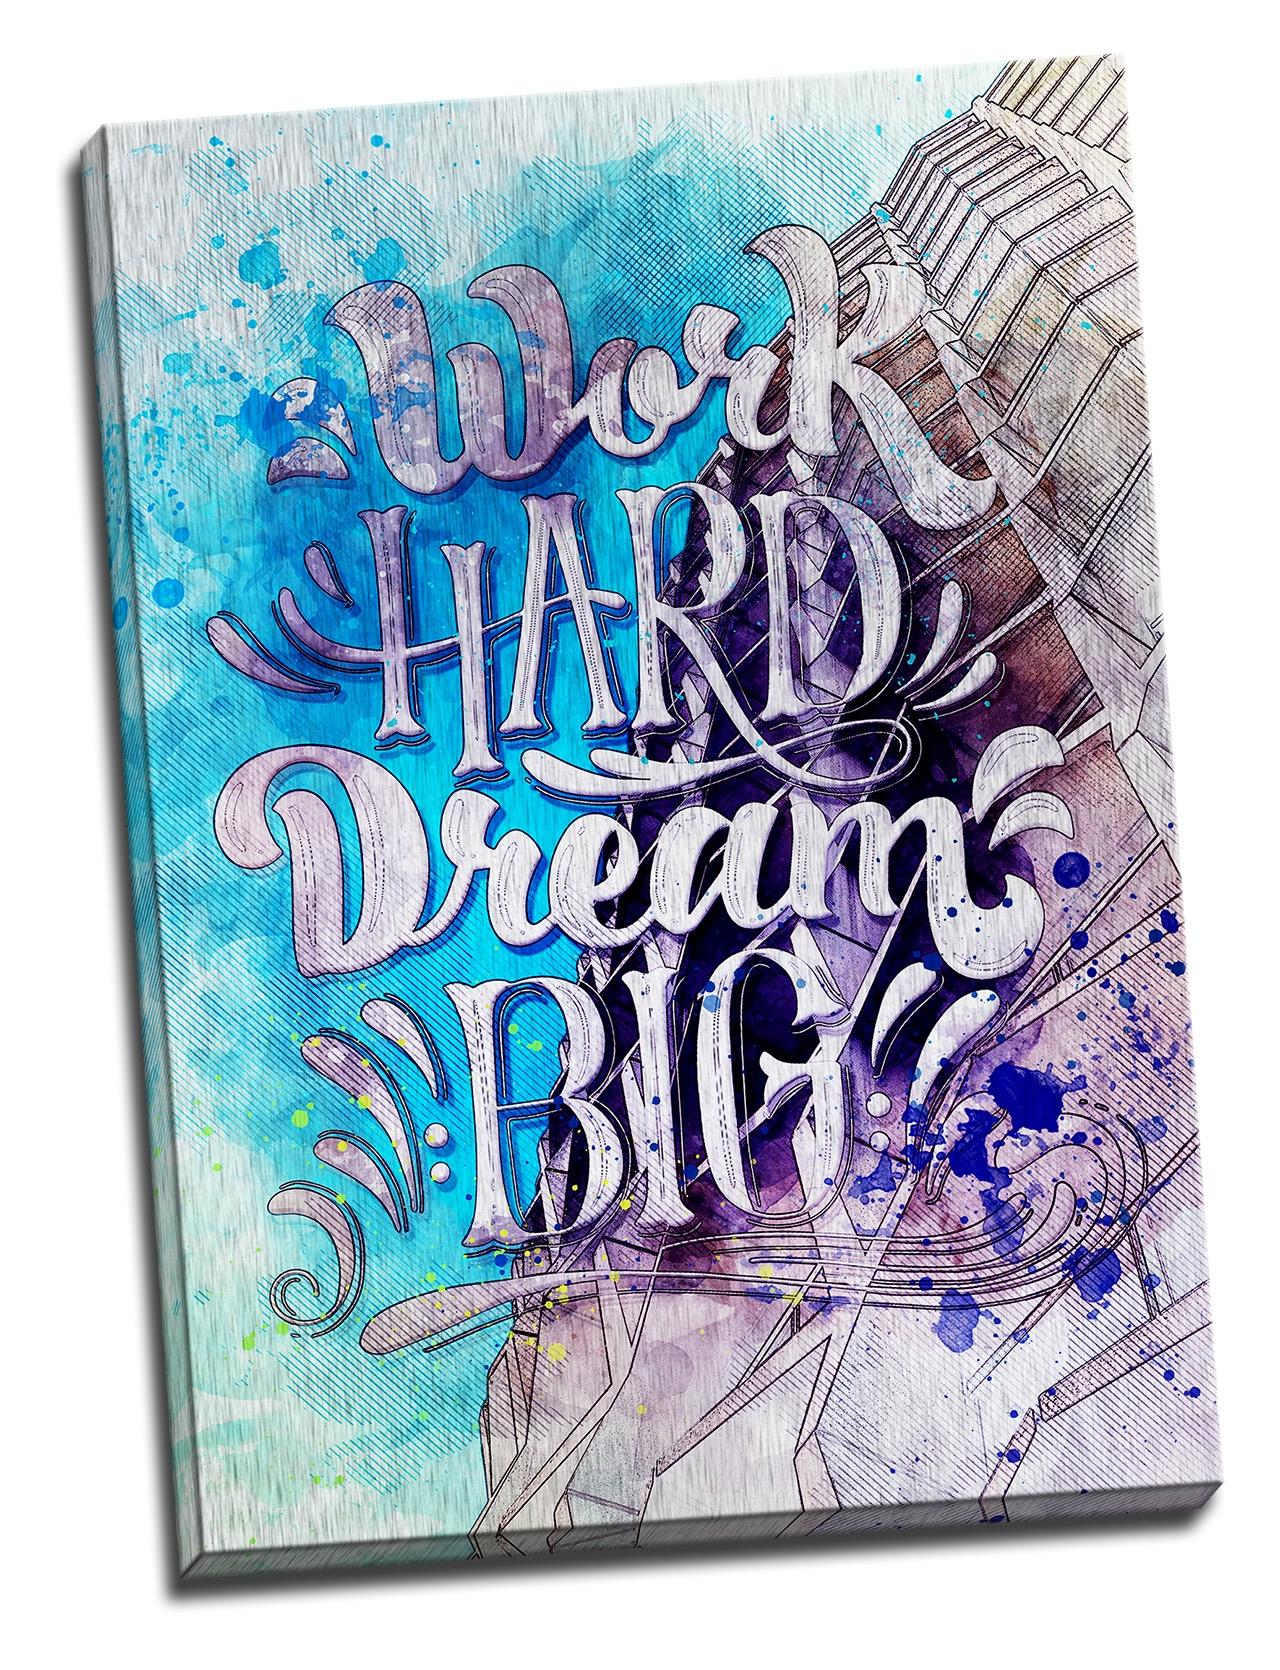 Tablou din aluminiu striat Work Hard Dream Big